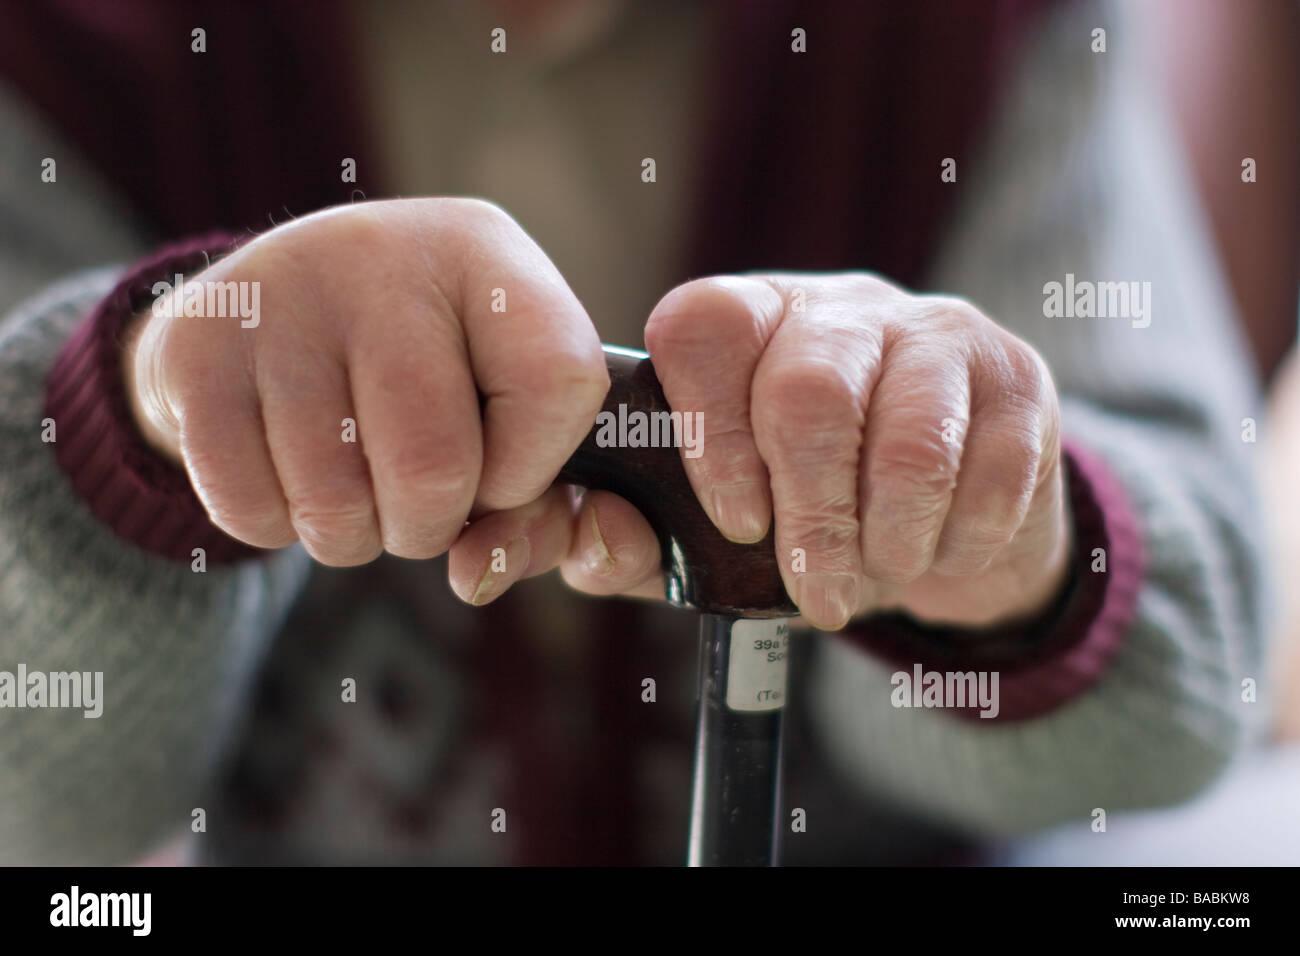 elderly-man-oap-old-age-pensioner-hands-